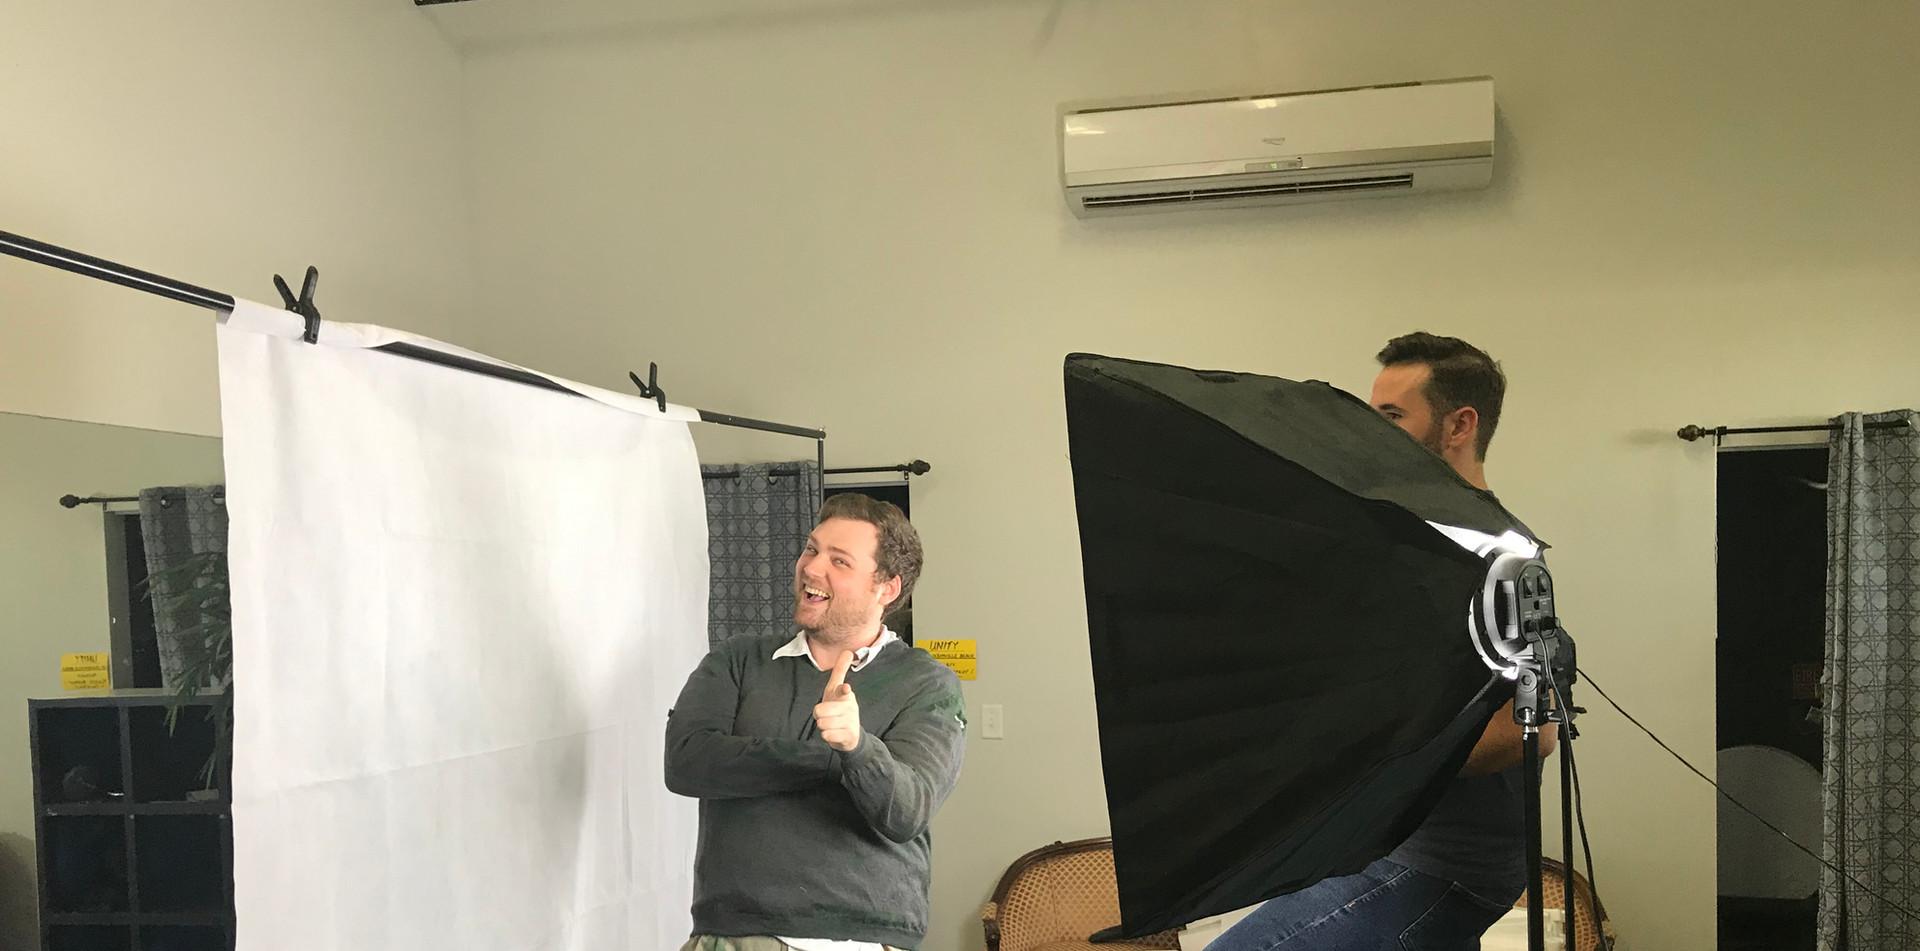 Having fun at the poster shoot!